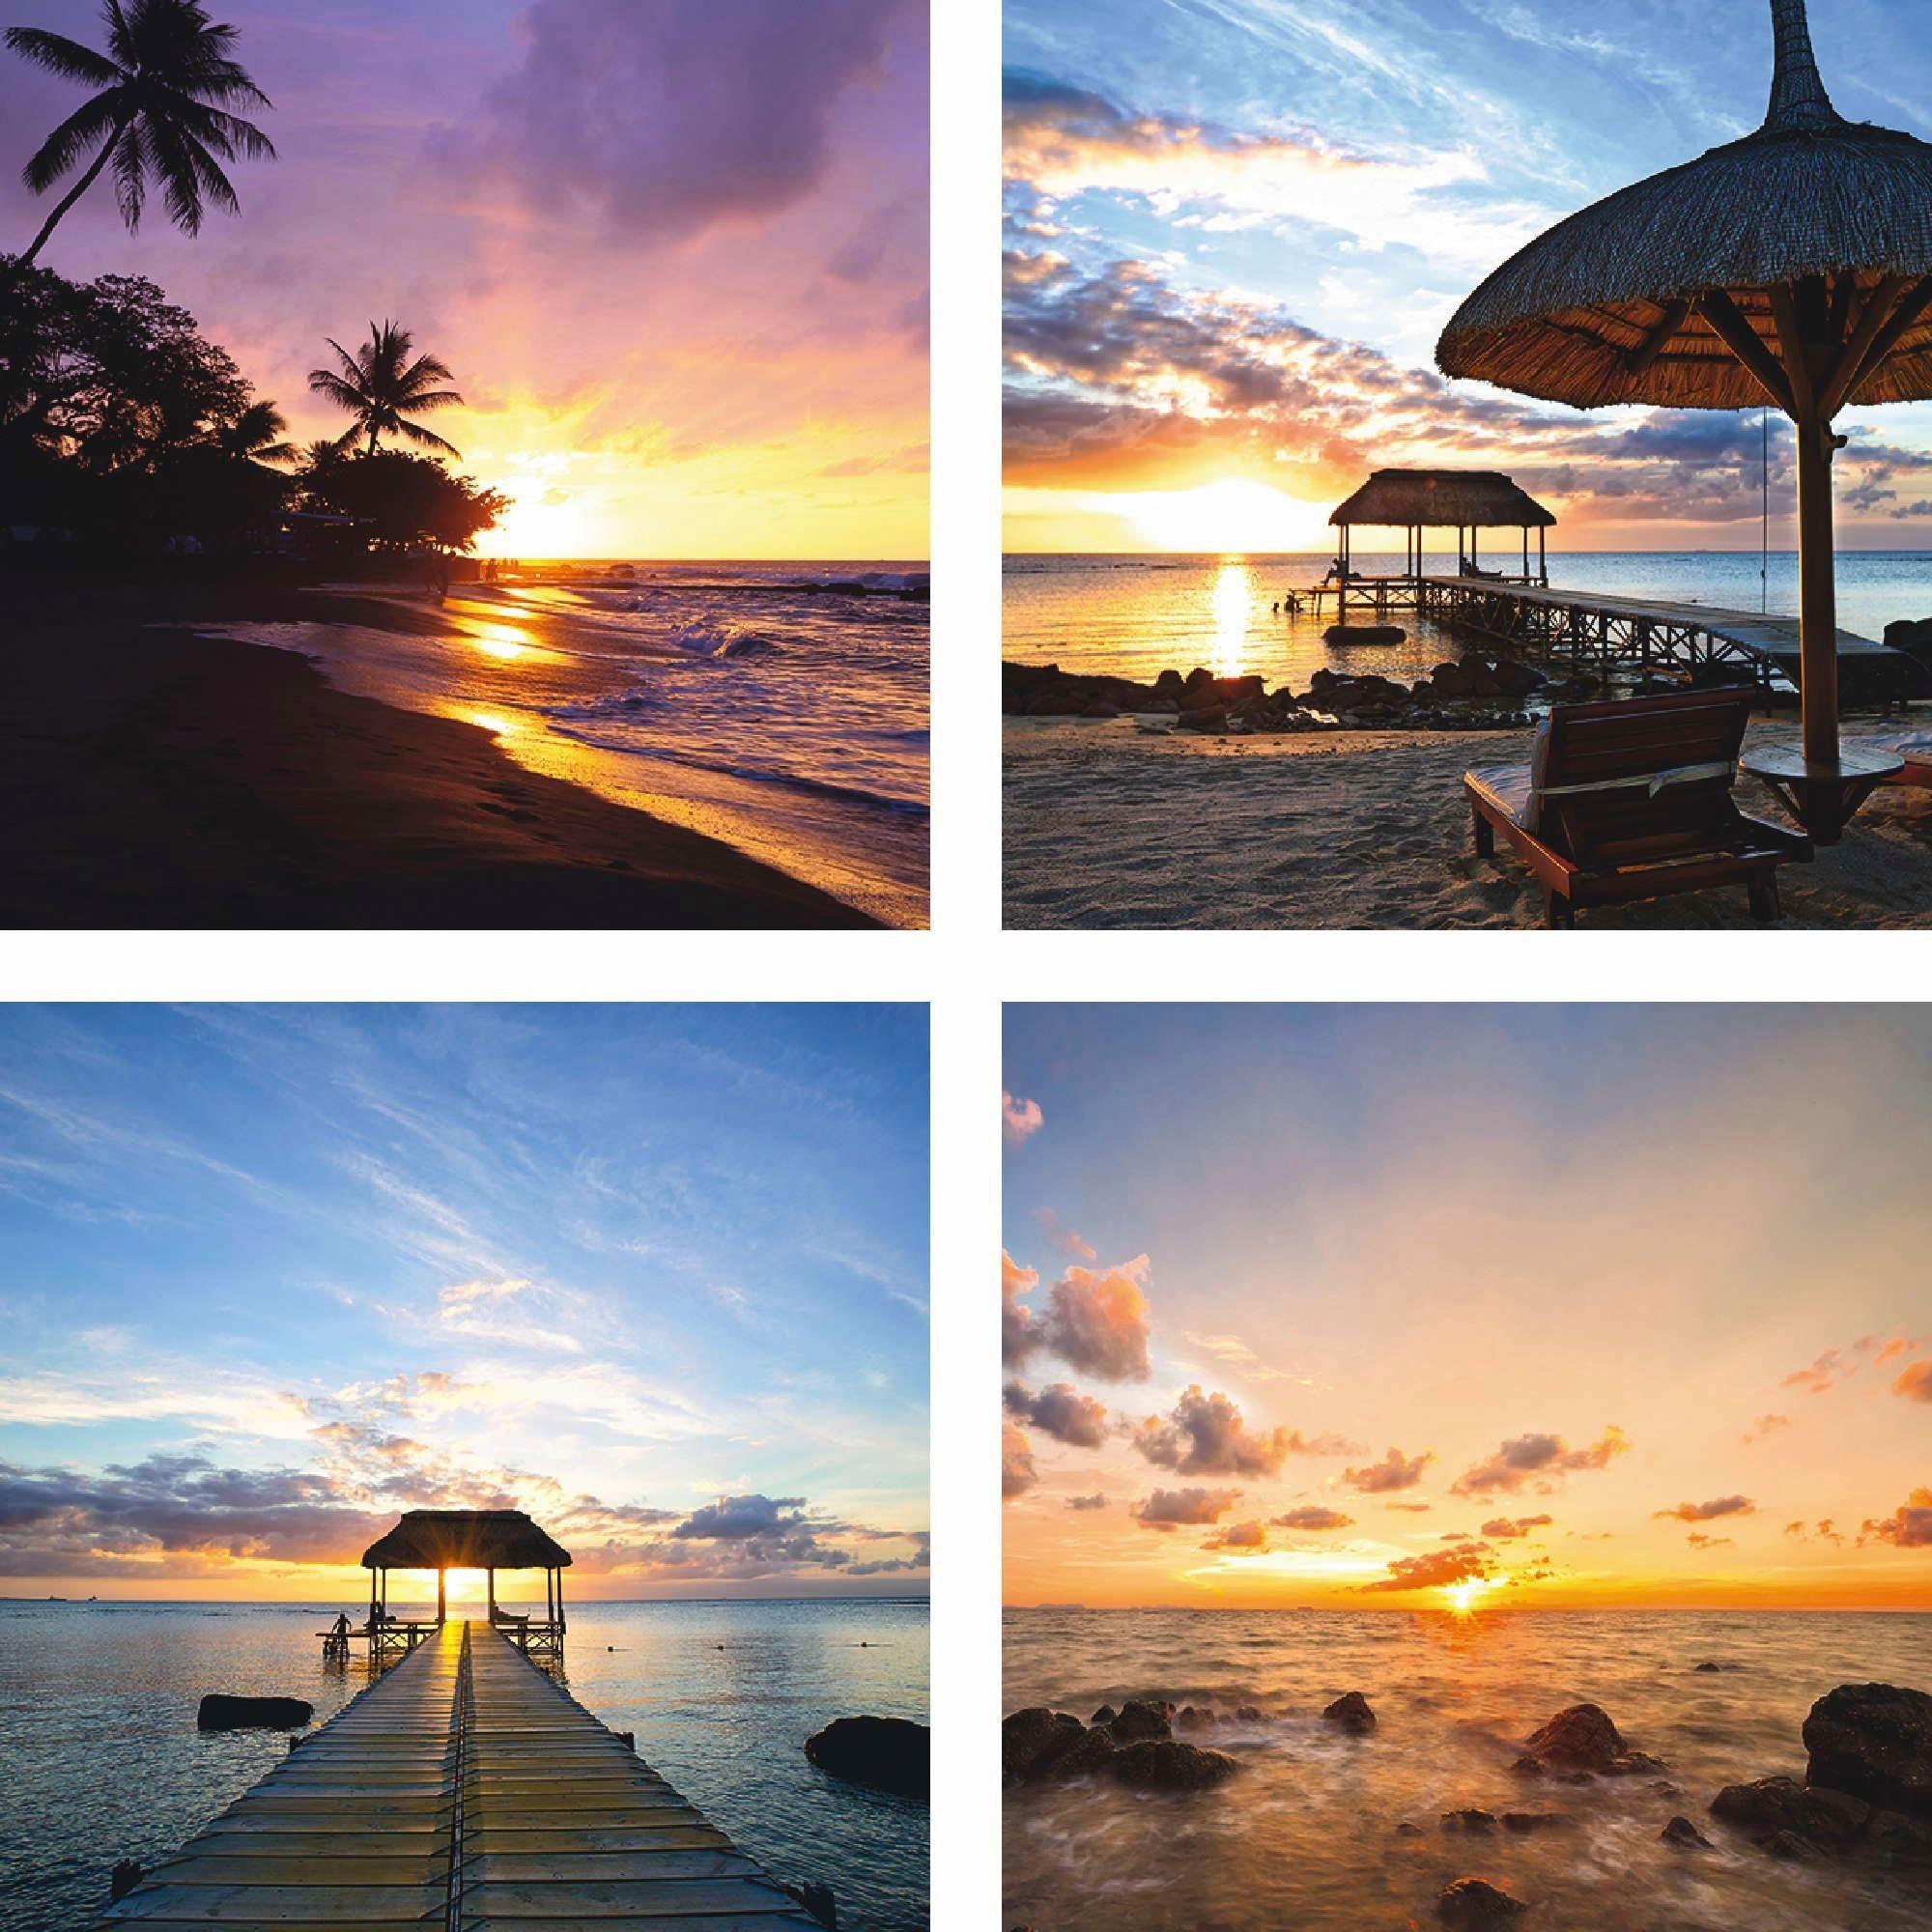 Home affaire Leinwandbild »Vier verschiedene Sonnenuntergänge«, Landschaft (Set, 4 St), 4x 30/30 cm, auf Platte